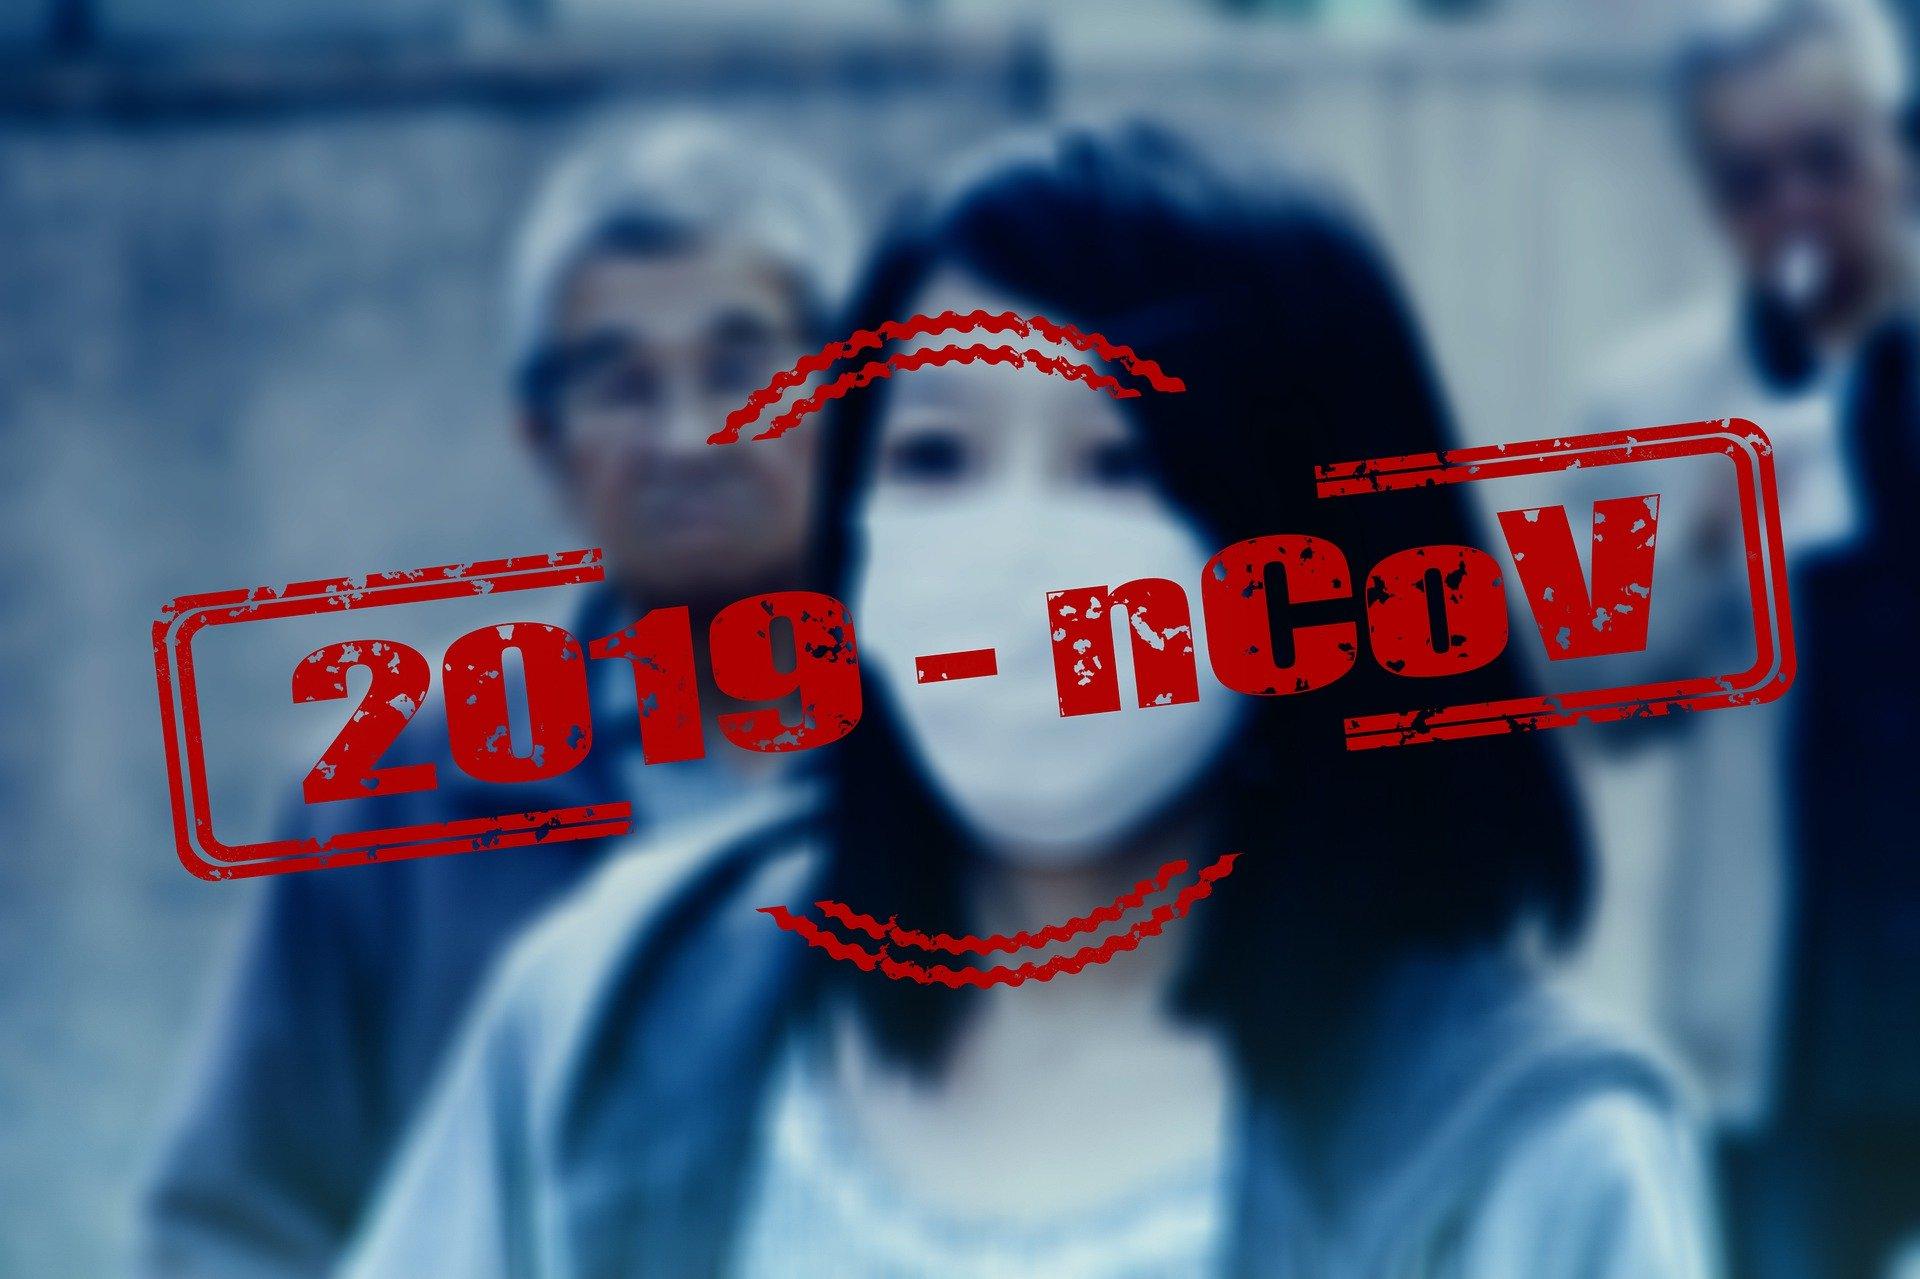 Coronavirus: Bald alle europäischen Grenzen geschlossen?